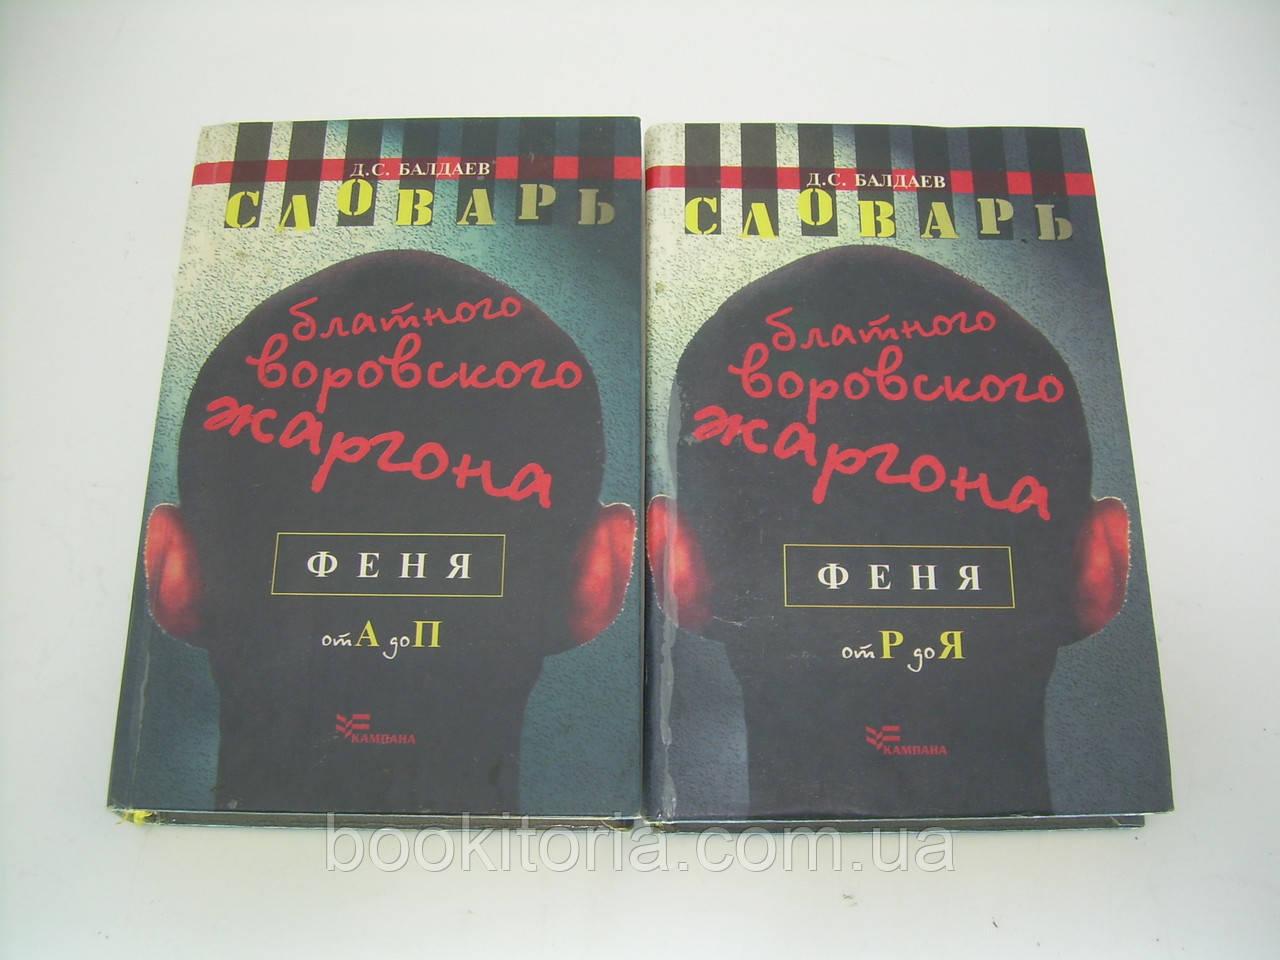 Балдаев Д.С. Словарь блатного воровского жаргона. В двух томах (б/у).